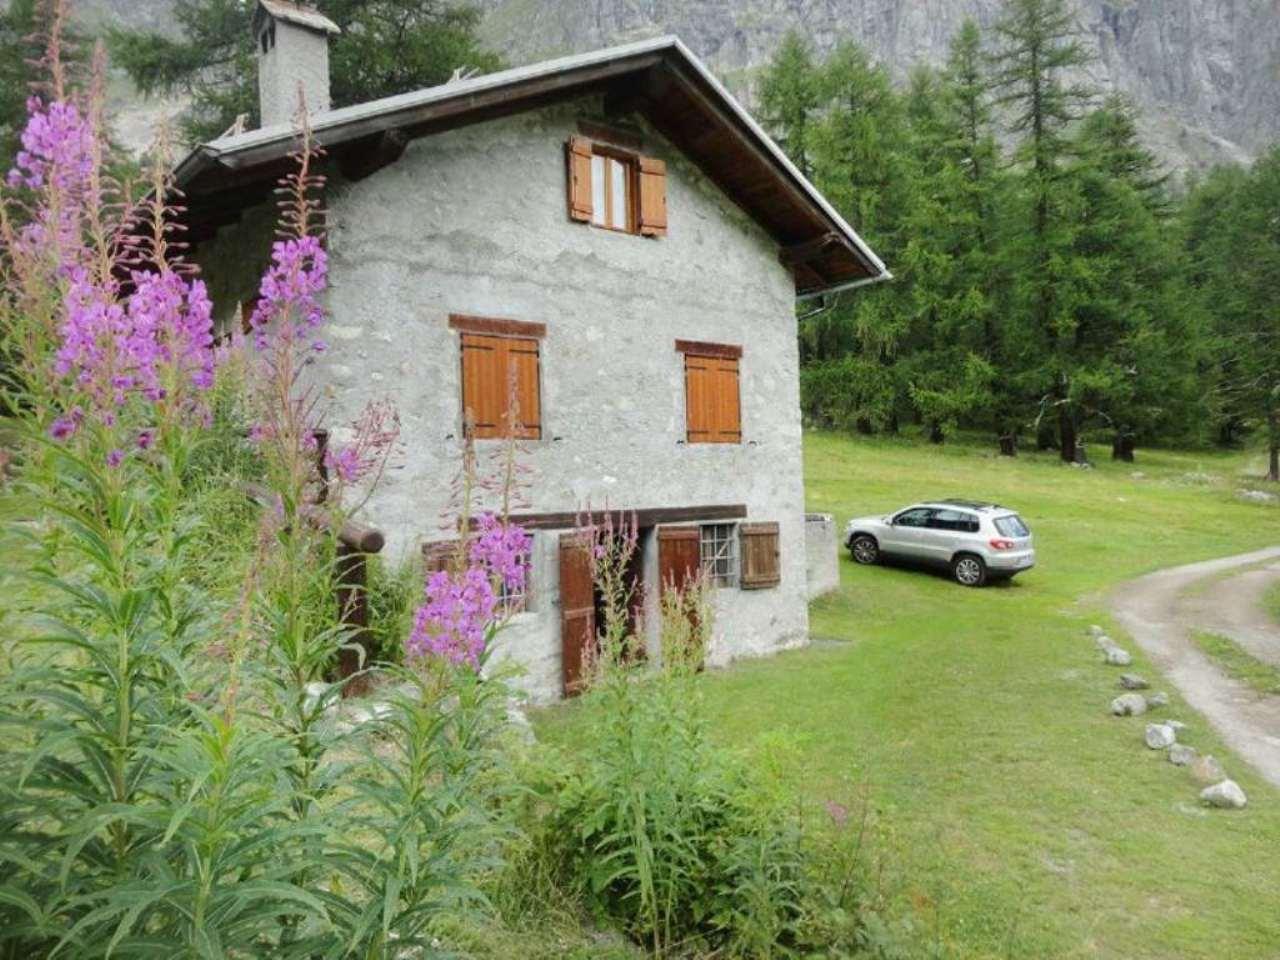 Rustico / Casale in vendita a Courmayeur, 3 locali, prezzo € 350.000 | CambioCasa.it